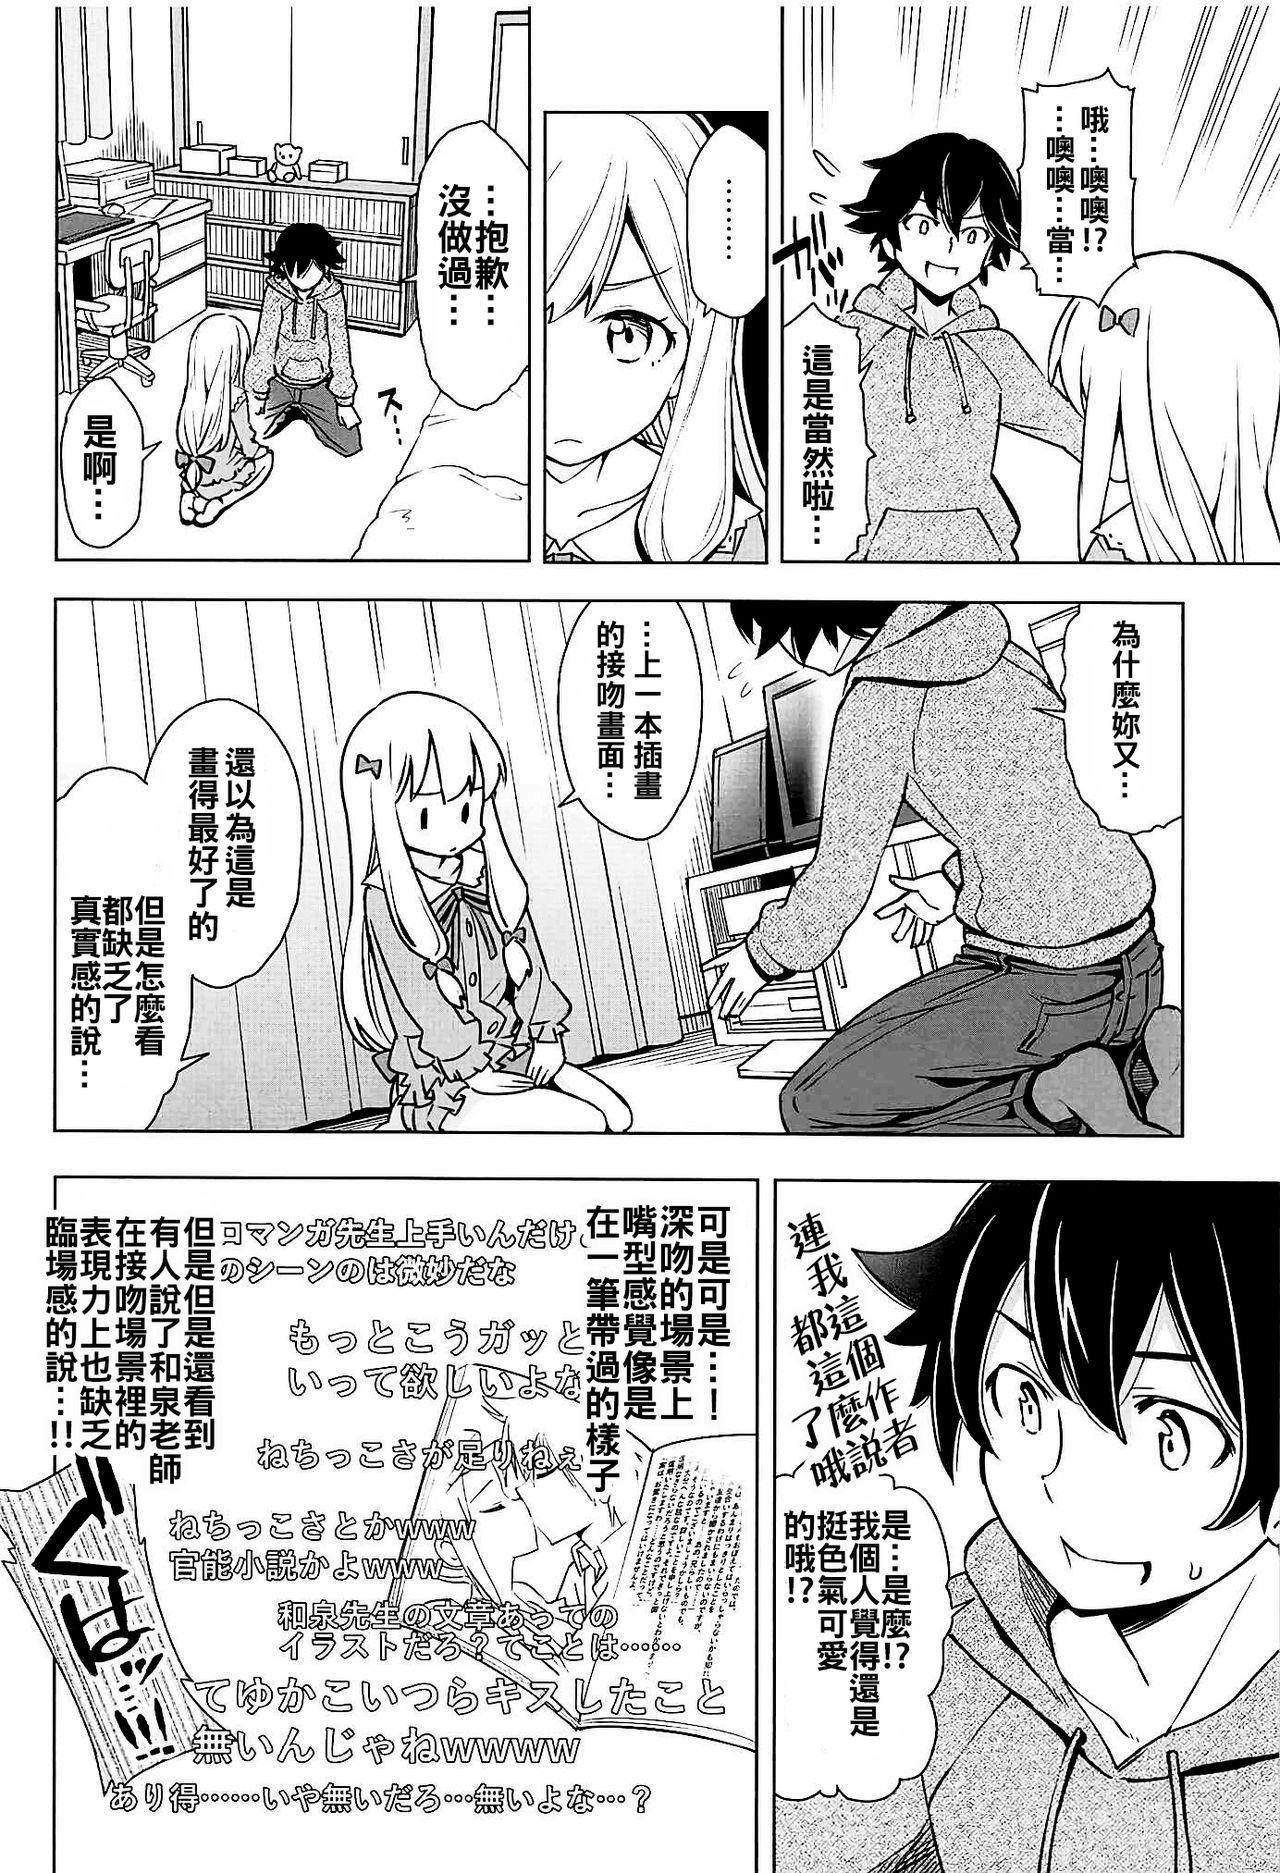 Usotsuki Hentai Nii-san nante Daikirai!! 3